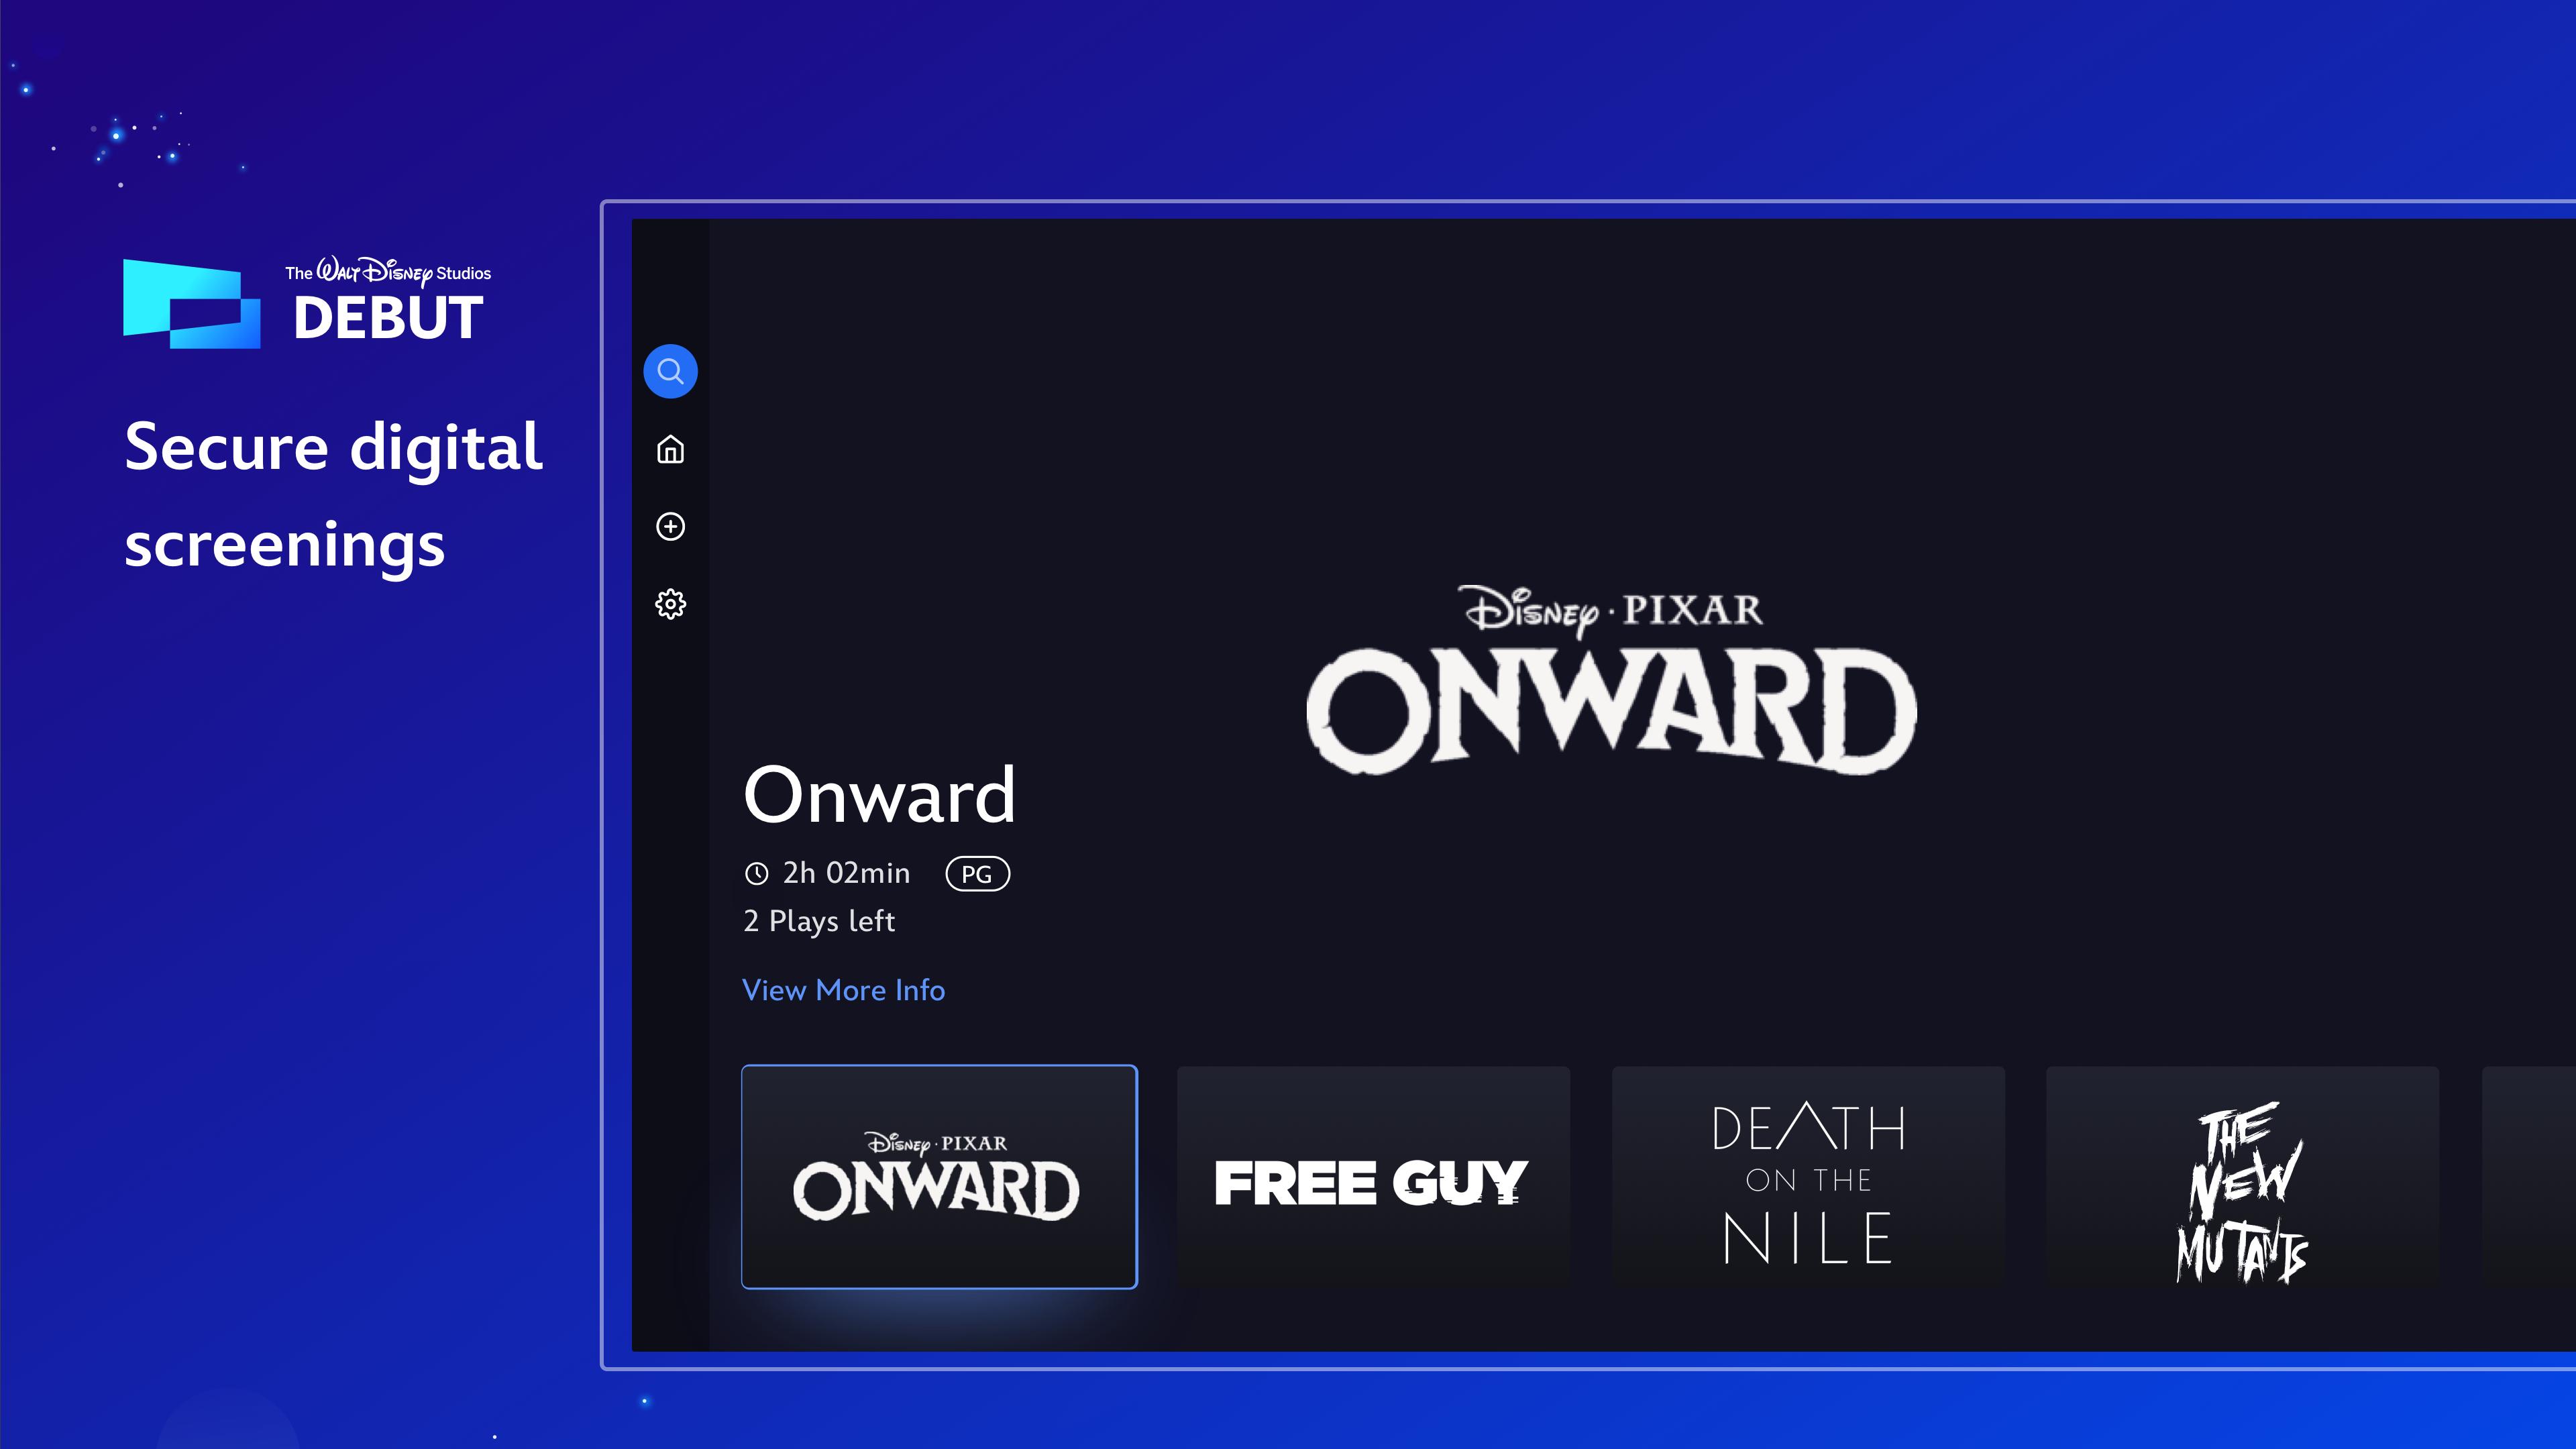 The Walt Disney Studios Debut screenshot 8